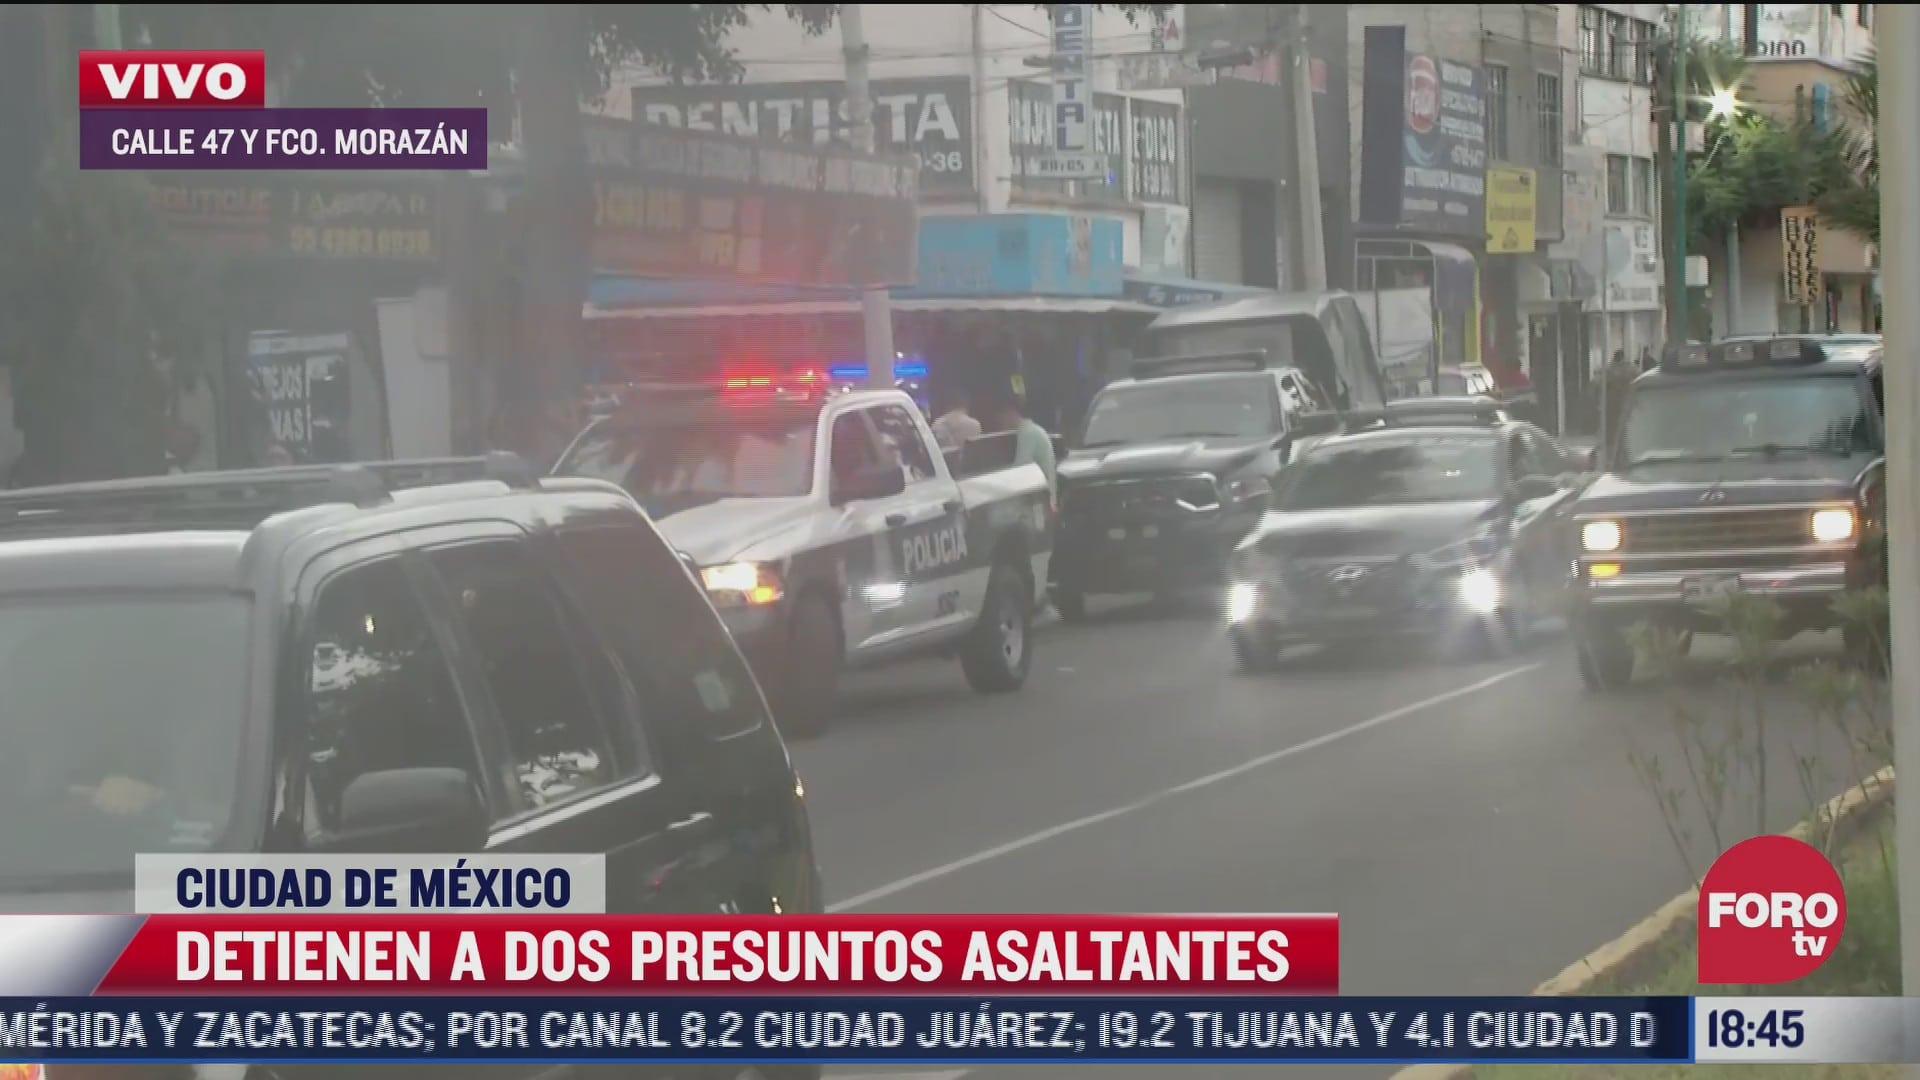 detienen a dos presuntos asaltantes en calles de cdmx